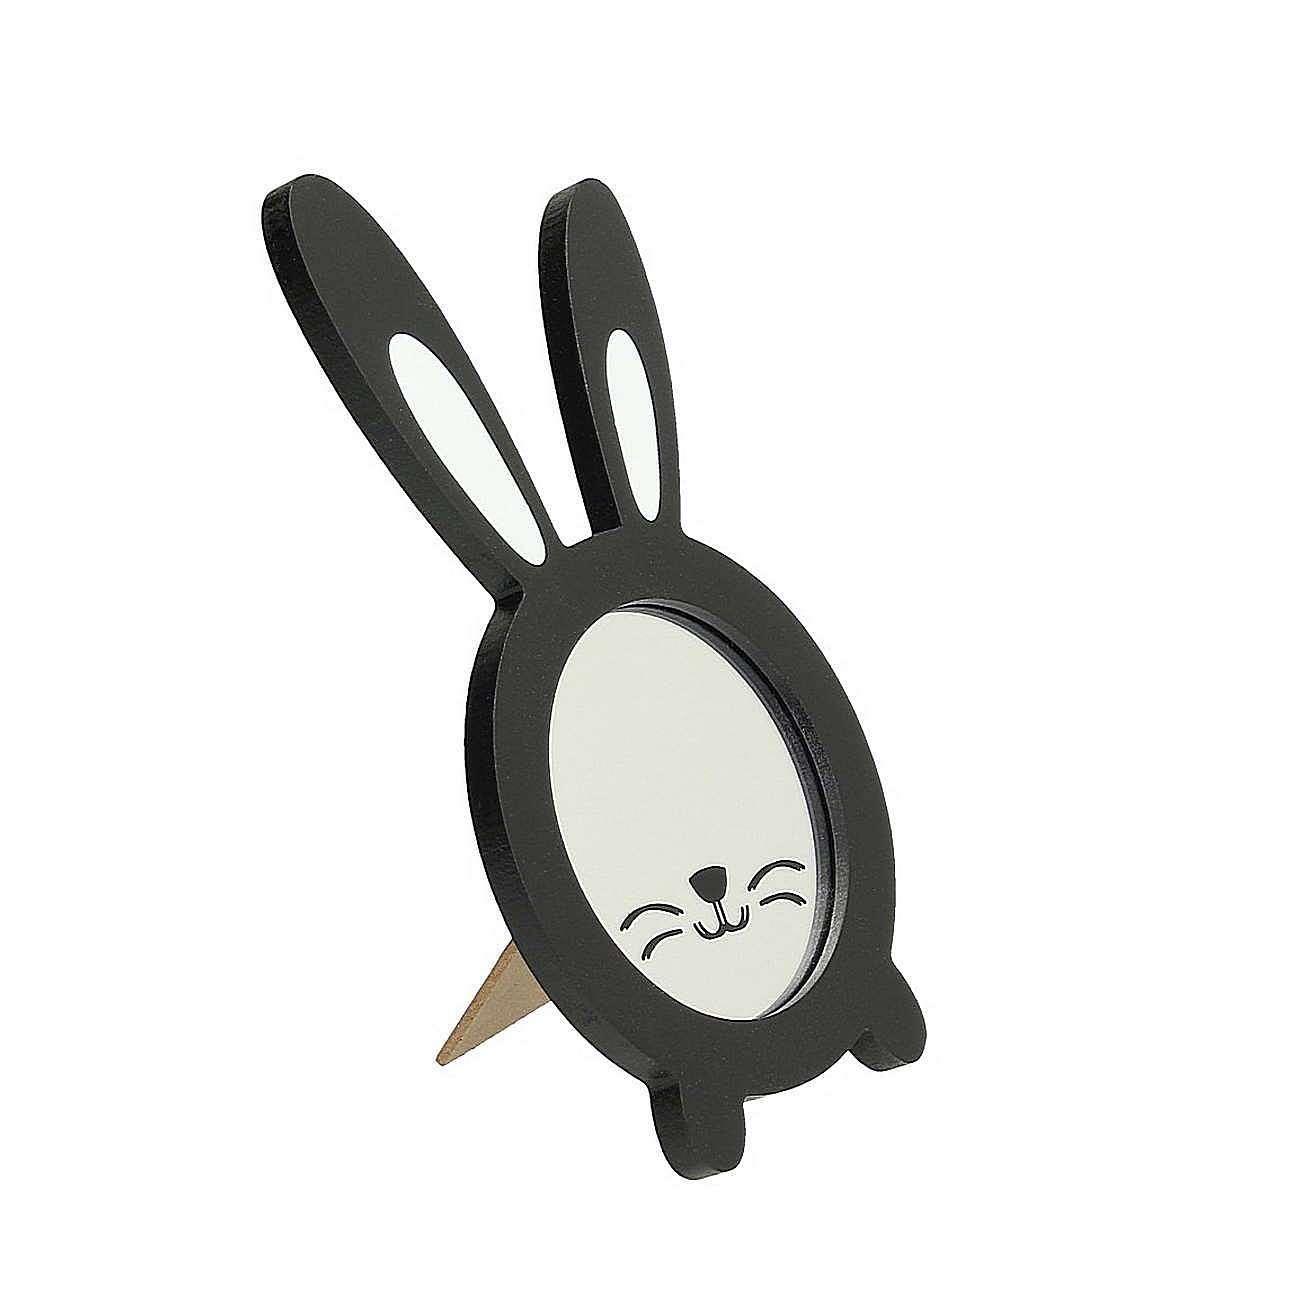 Fotorahmen Rabbit schwarze